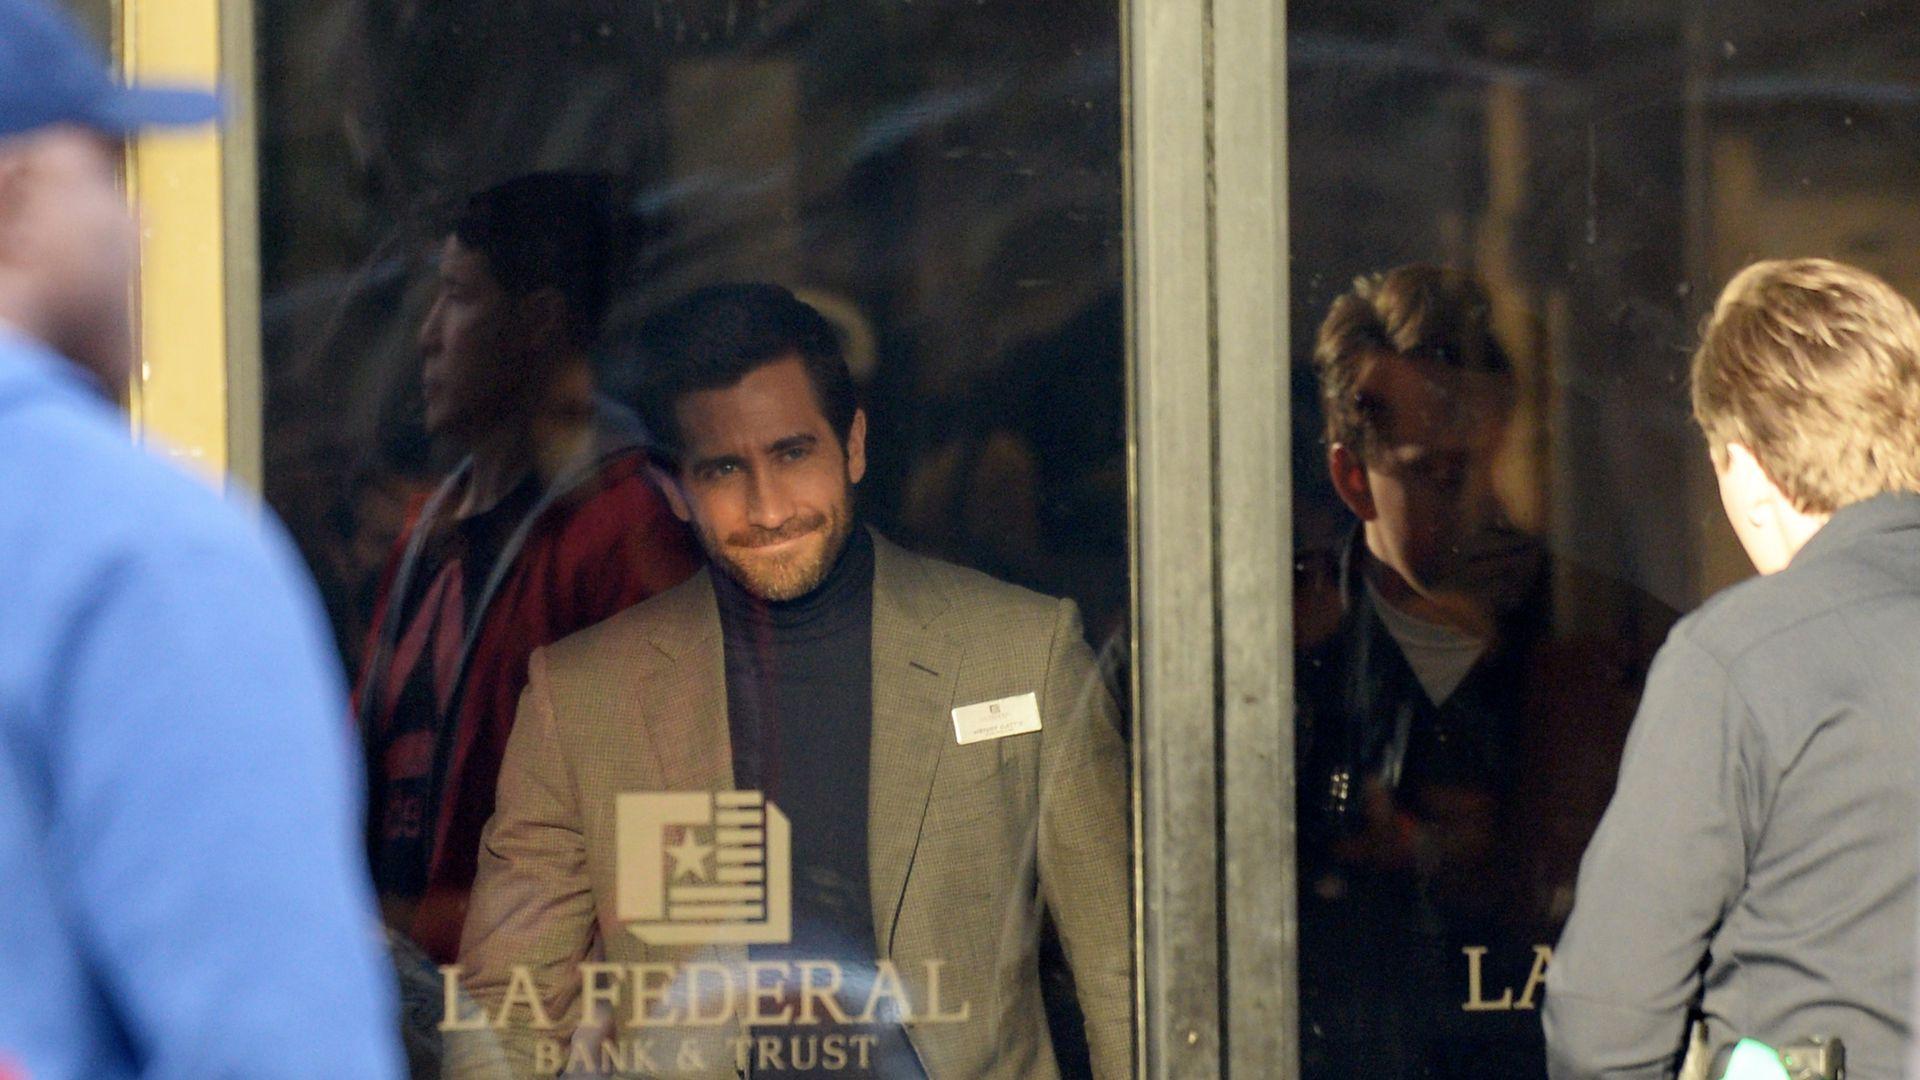 Verliebt? Jake Gyllenhaal soll 16 Jahre ...